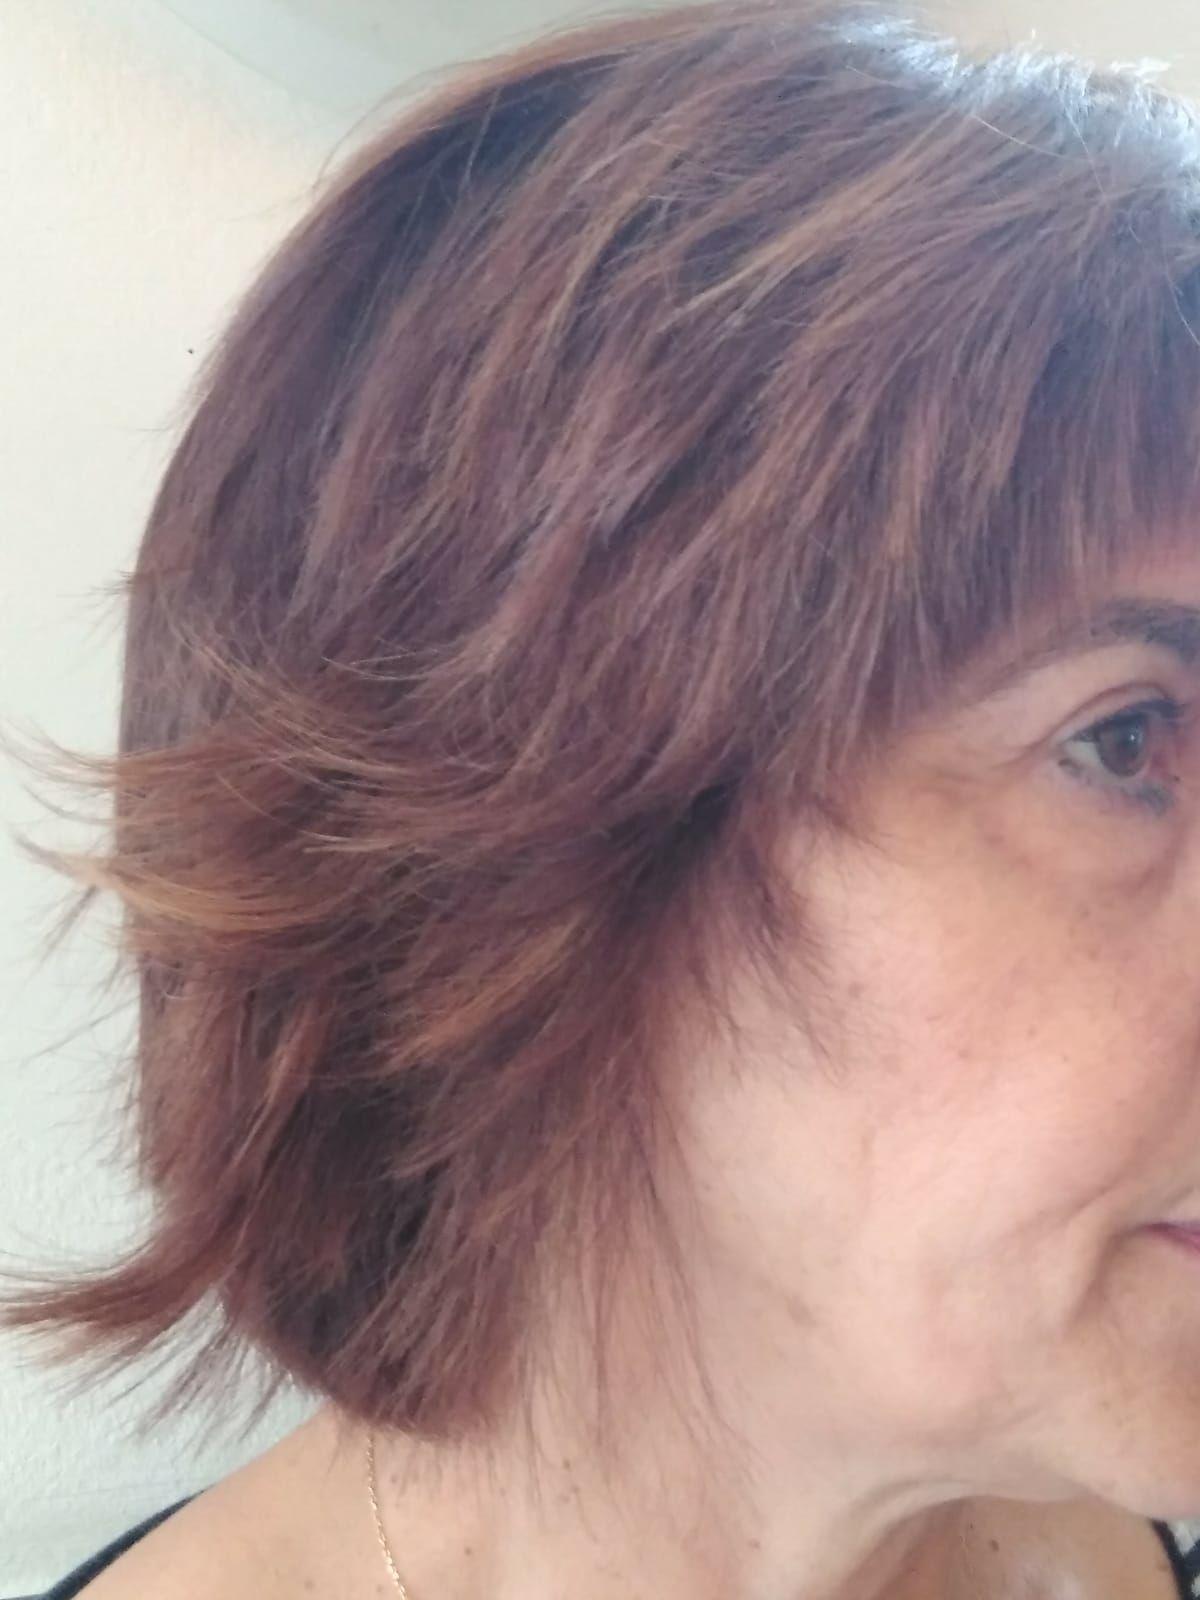 Corte y color en peluquería en Vitoria